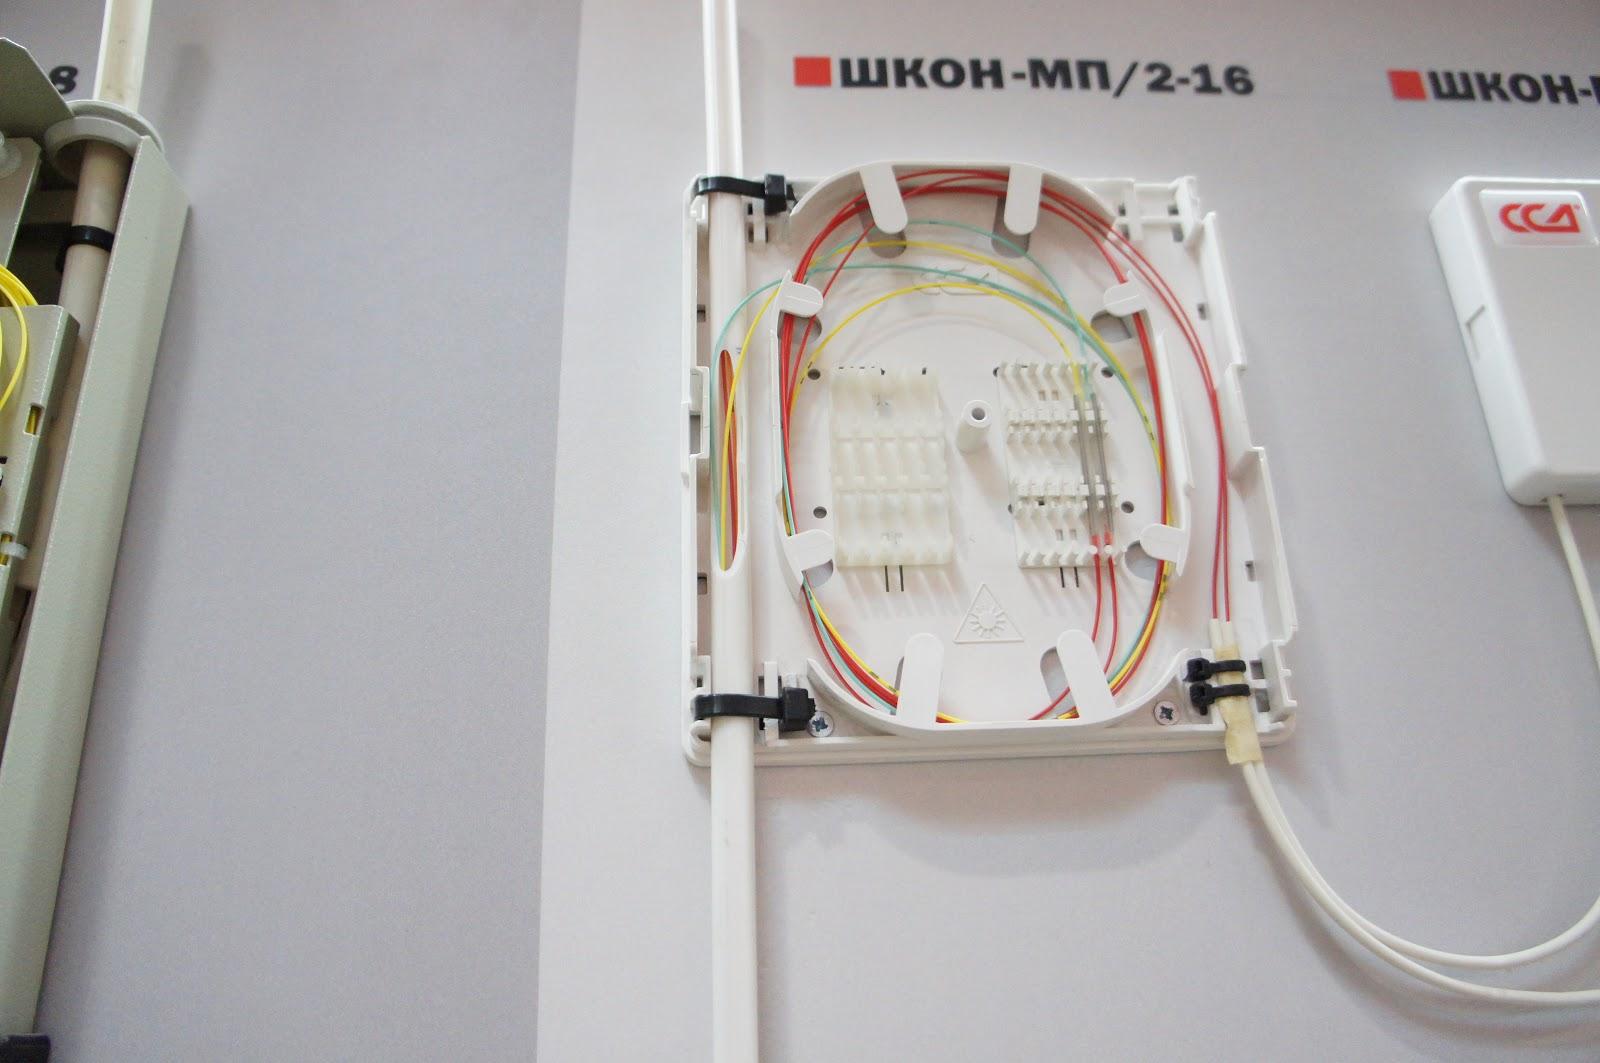 Экскурсия на московское производство компонентов для сетей связи. Часть первая - 15